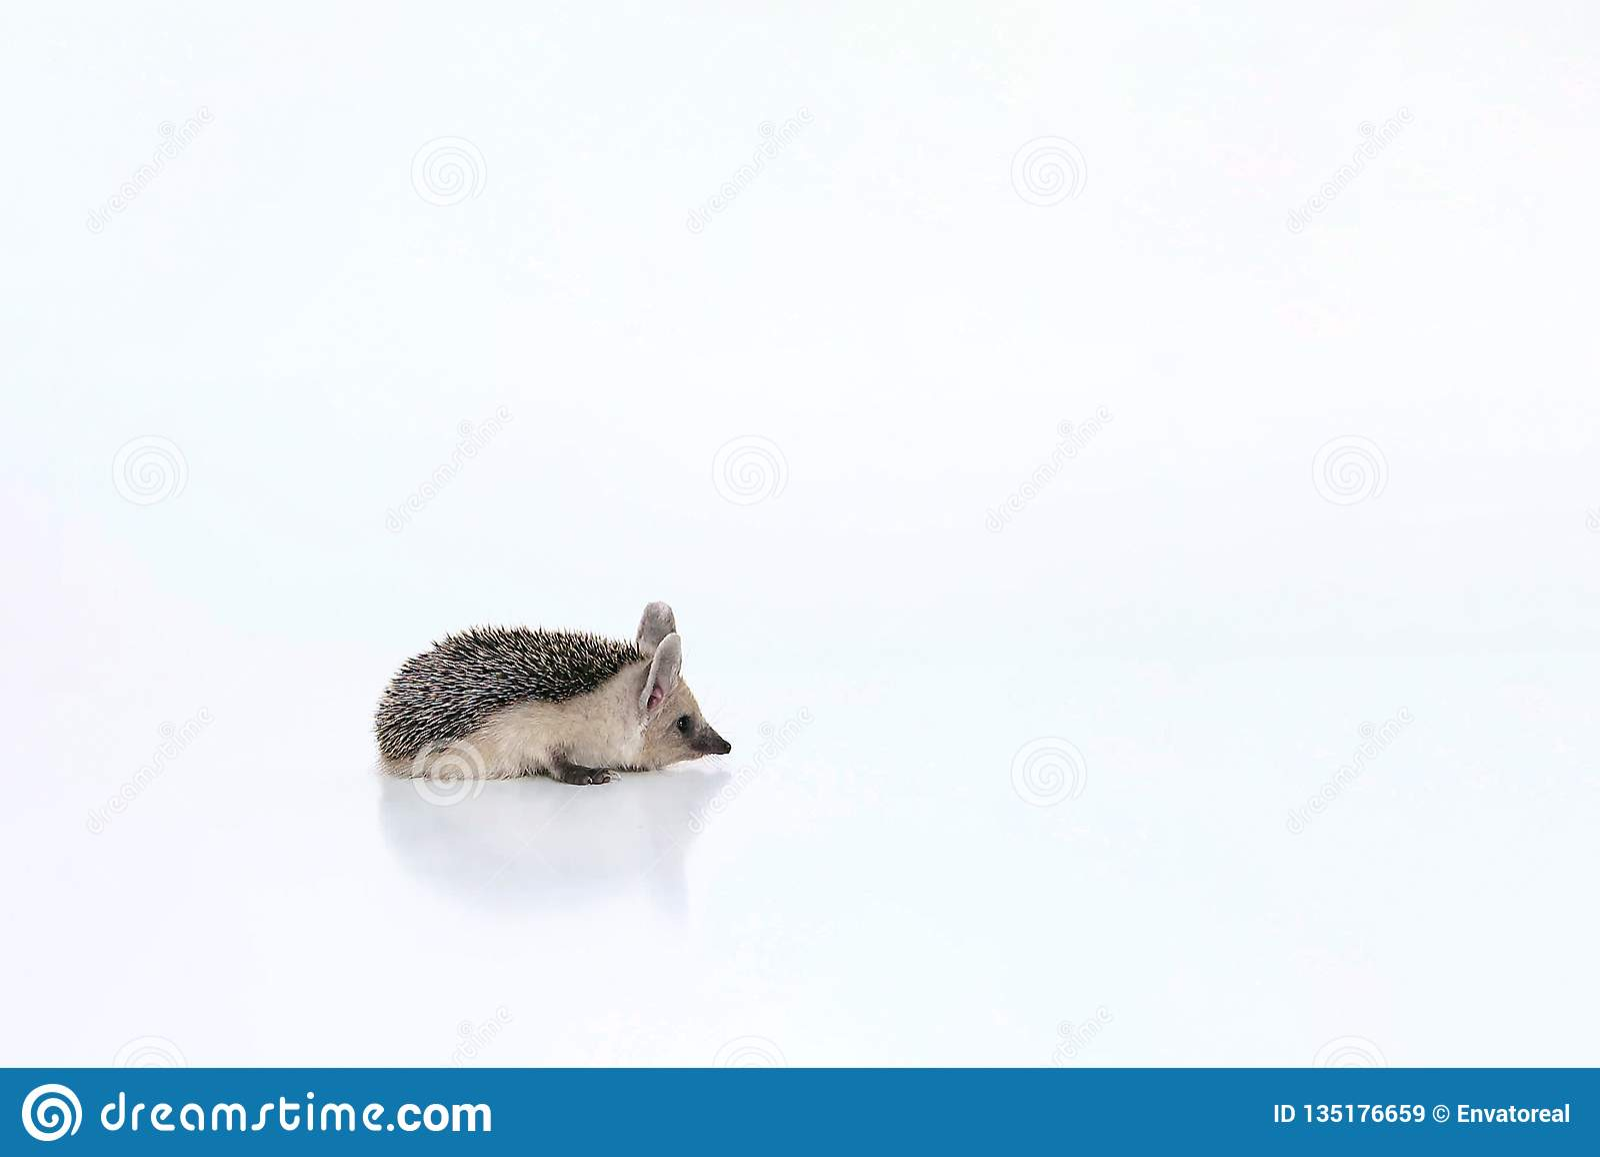 Weinig egel ligt op een witte achtergrond